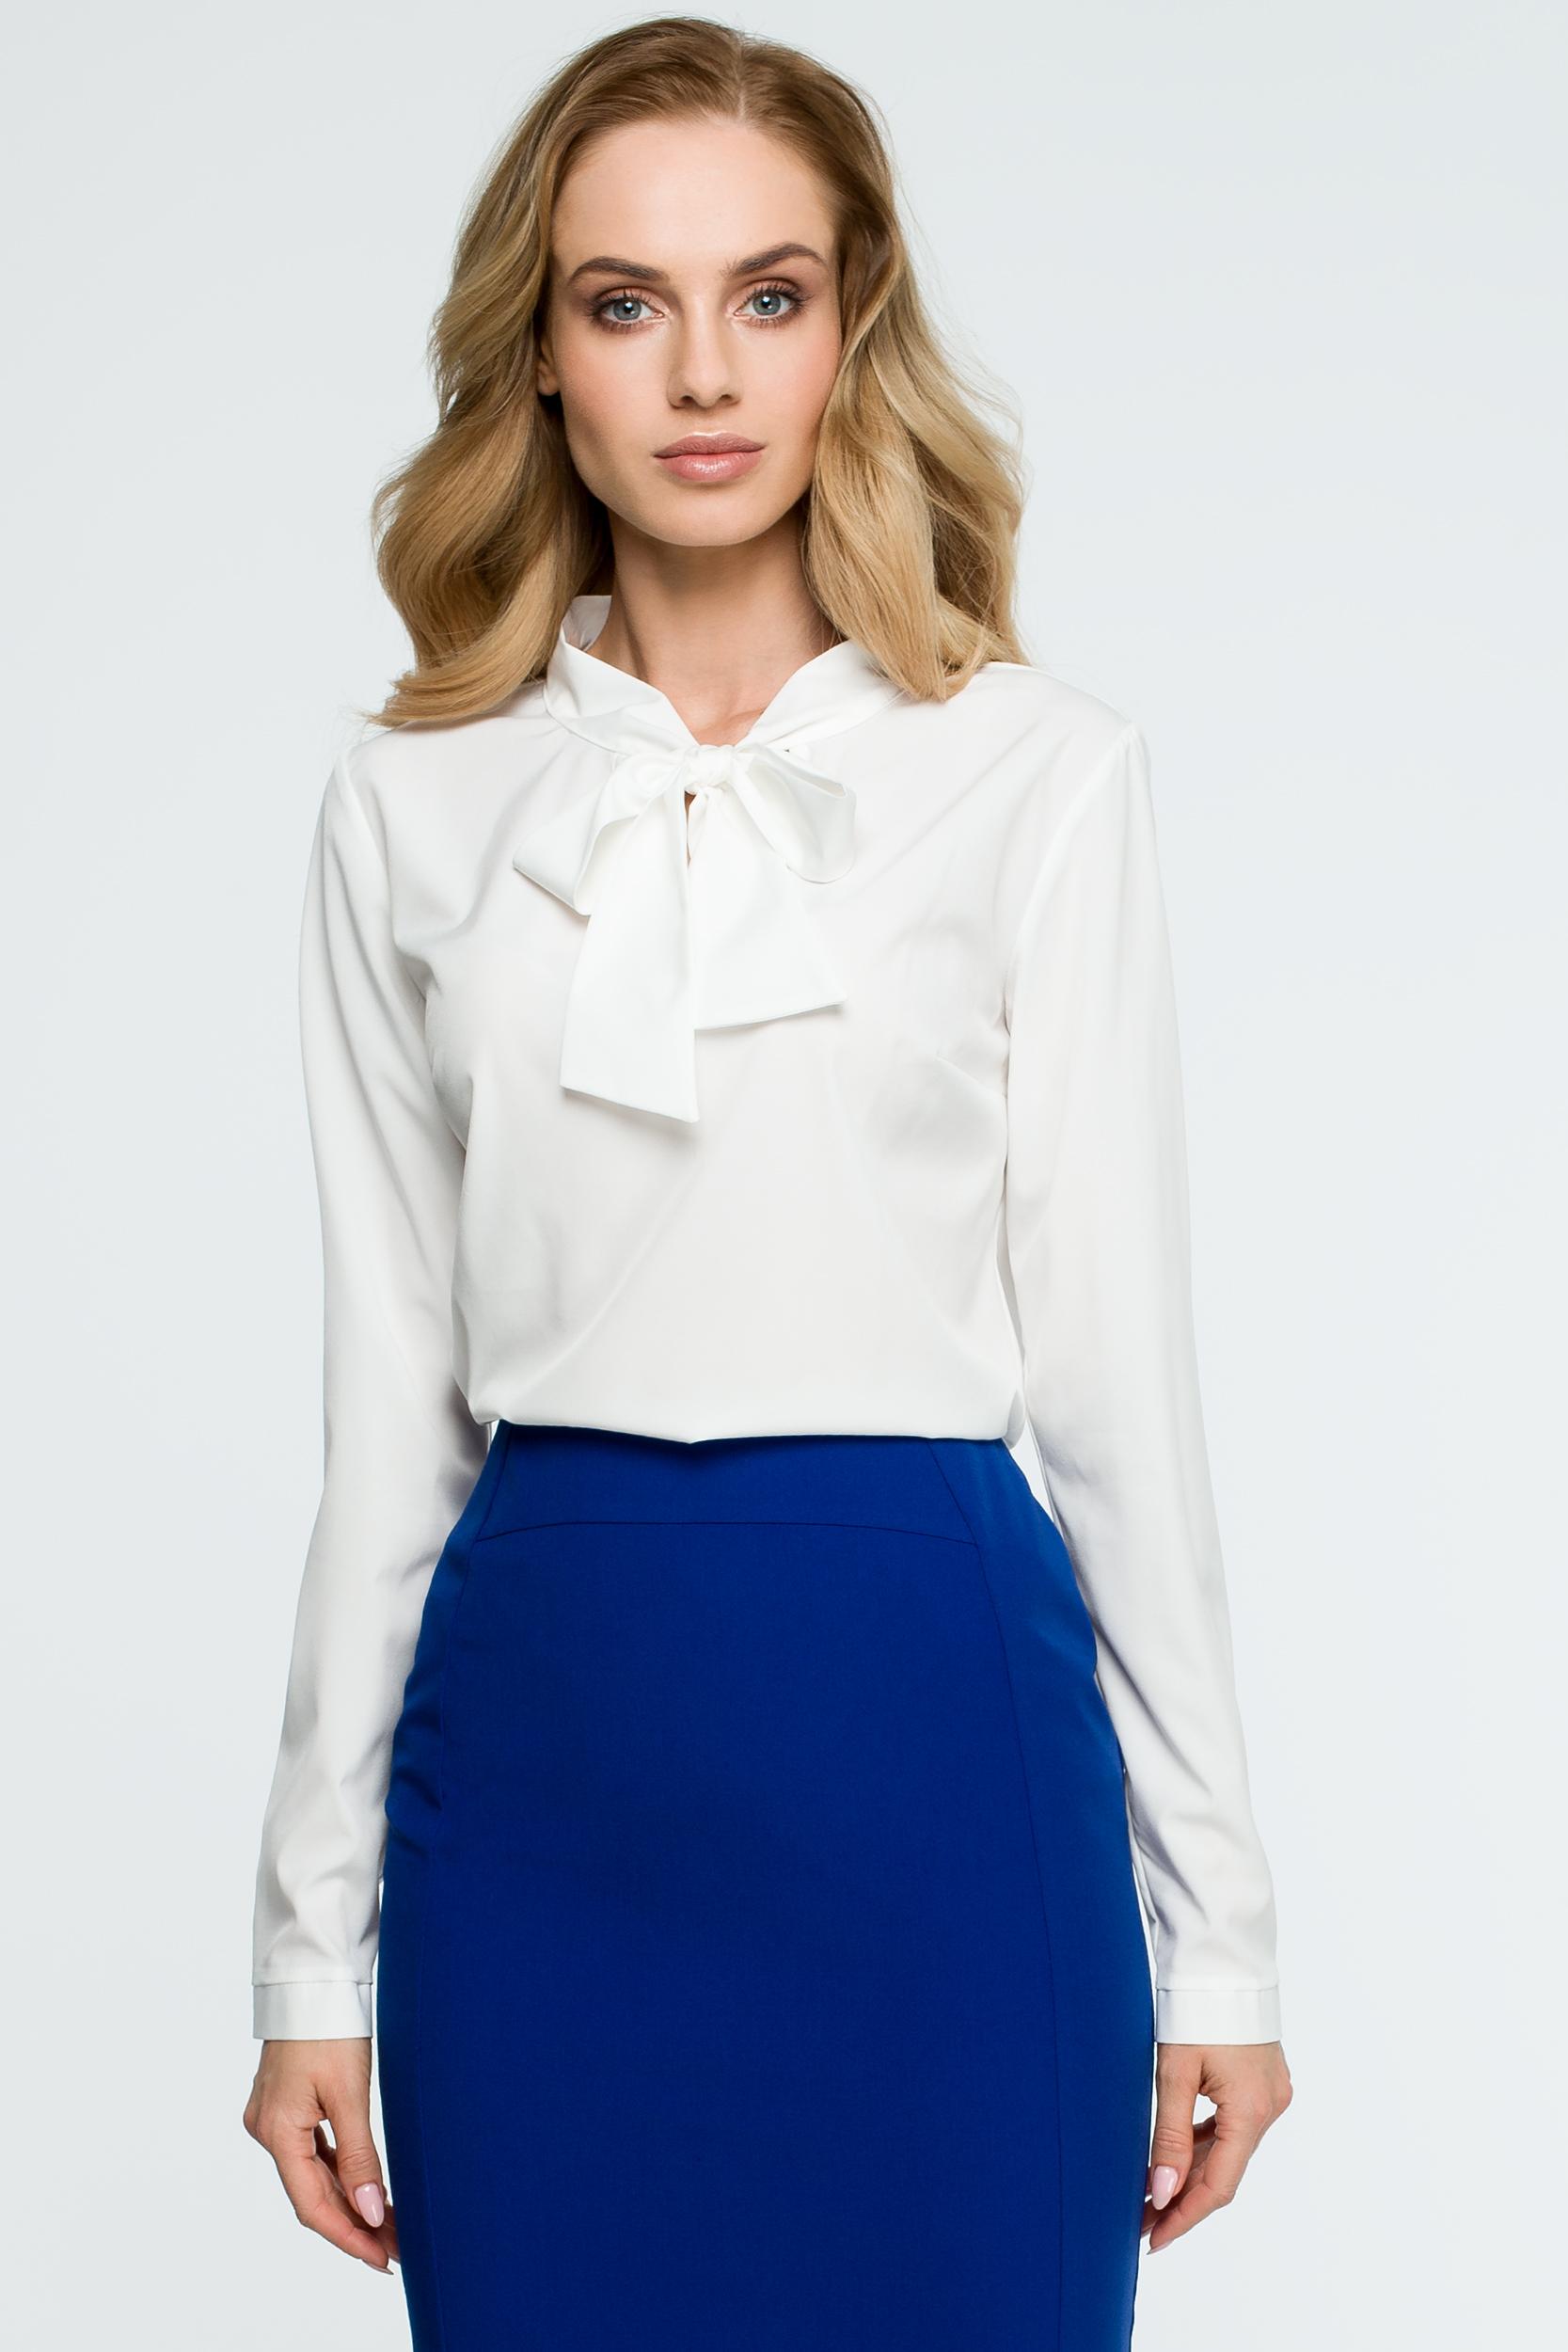 0890d801806a0d Elegancka bluzka koszulowa z wiązanym dekoltem ecru - szyta w Polsce